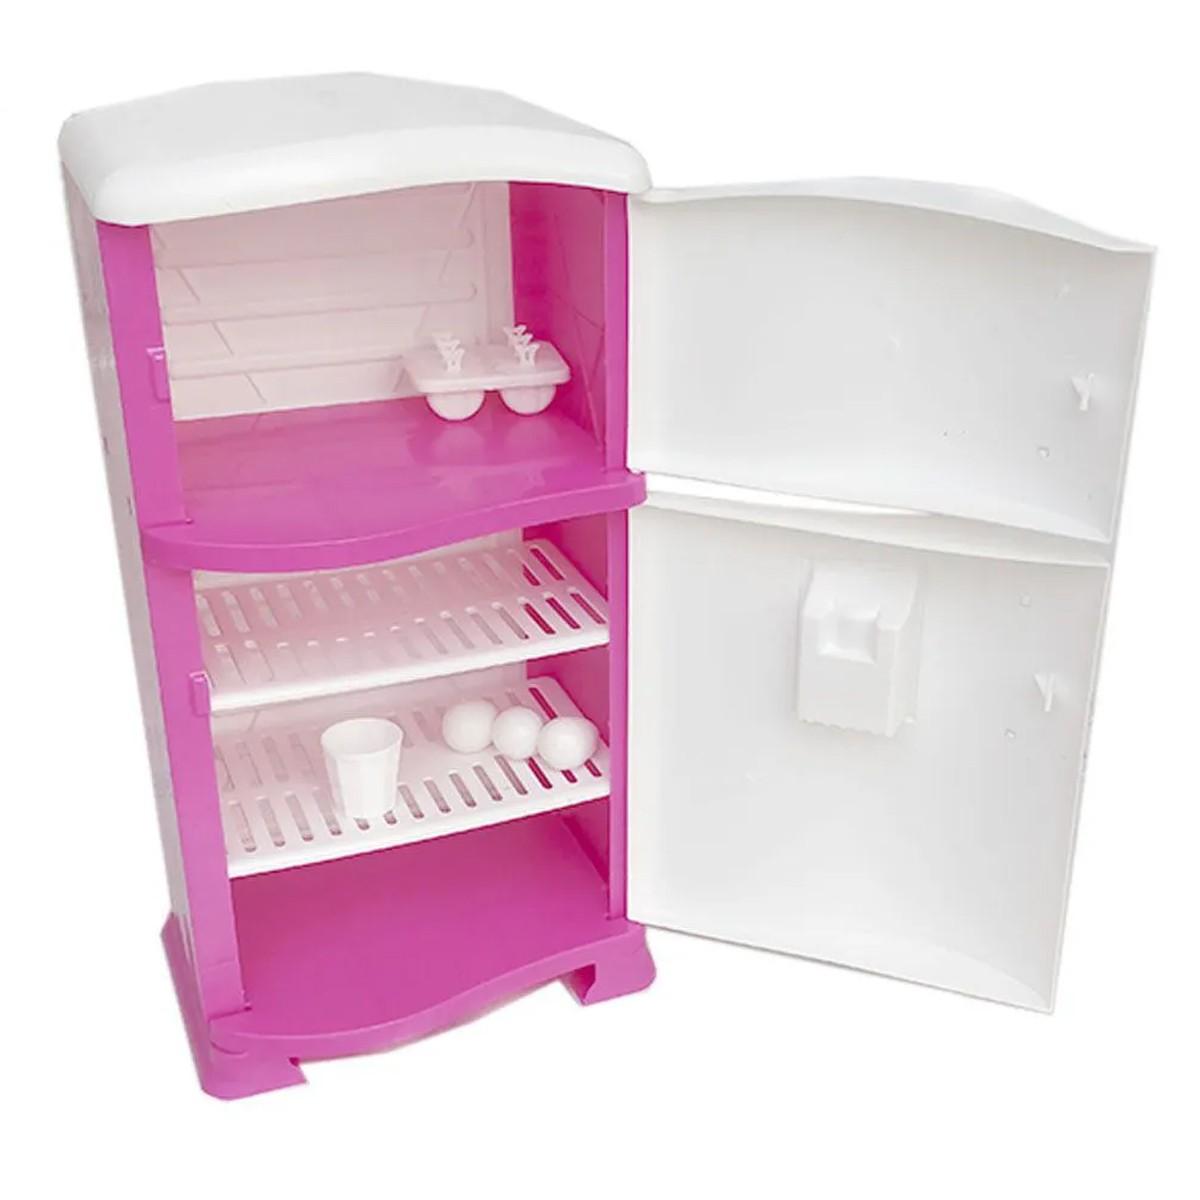 Geladeira Infantil Disney Com Porta Prateleiras Refrigerador Com Acessórios Pop Princesas Xalingo